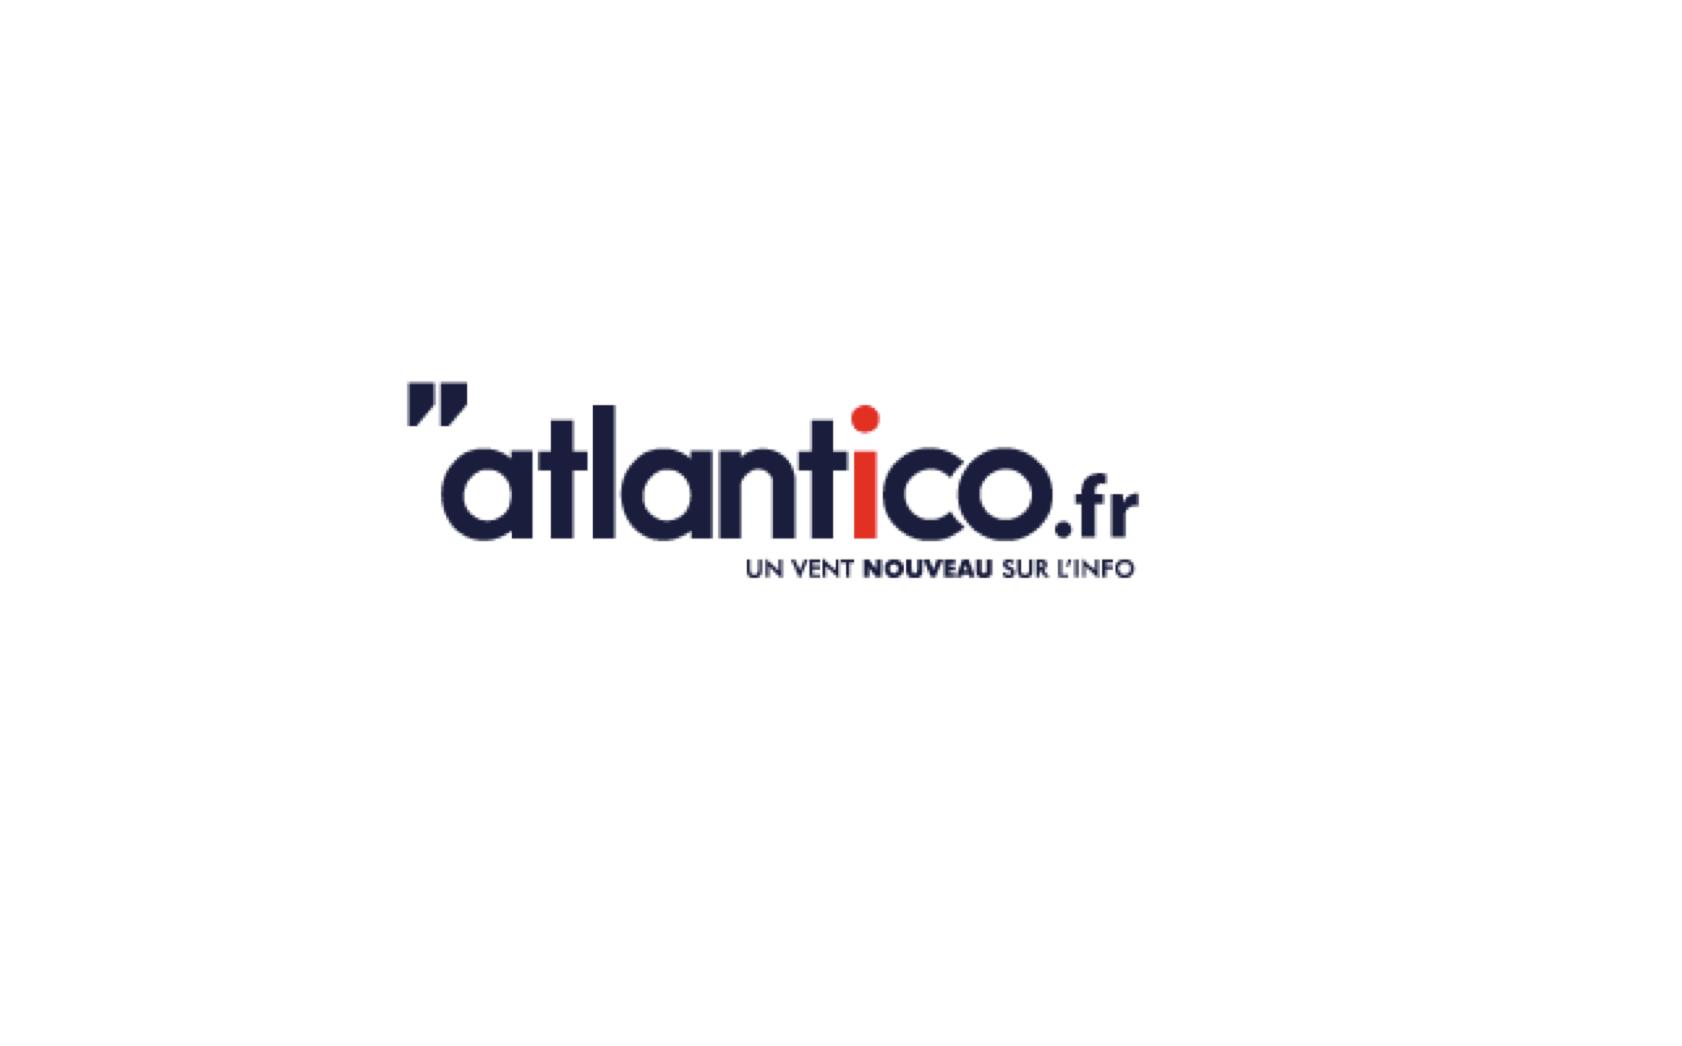 """Image - Atlantico – Ludovine de la Rochère : """"Il y a quand même 61% des Français qui pensent que la PMA sans père pourrait justifier de très grandes manifestations"""""""